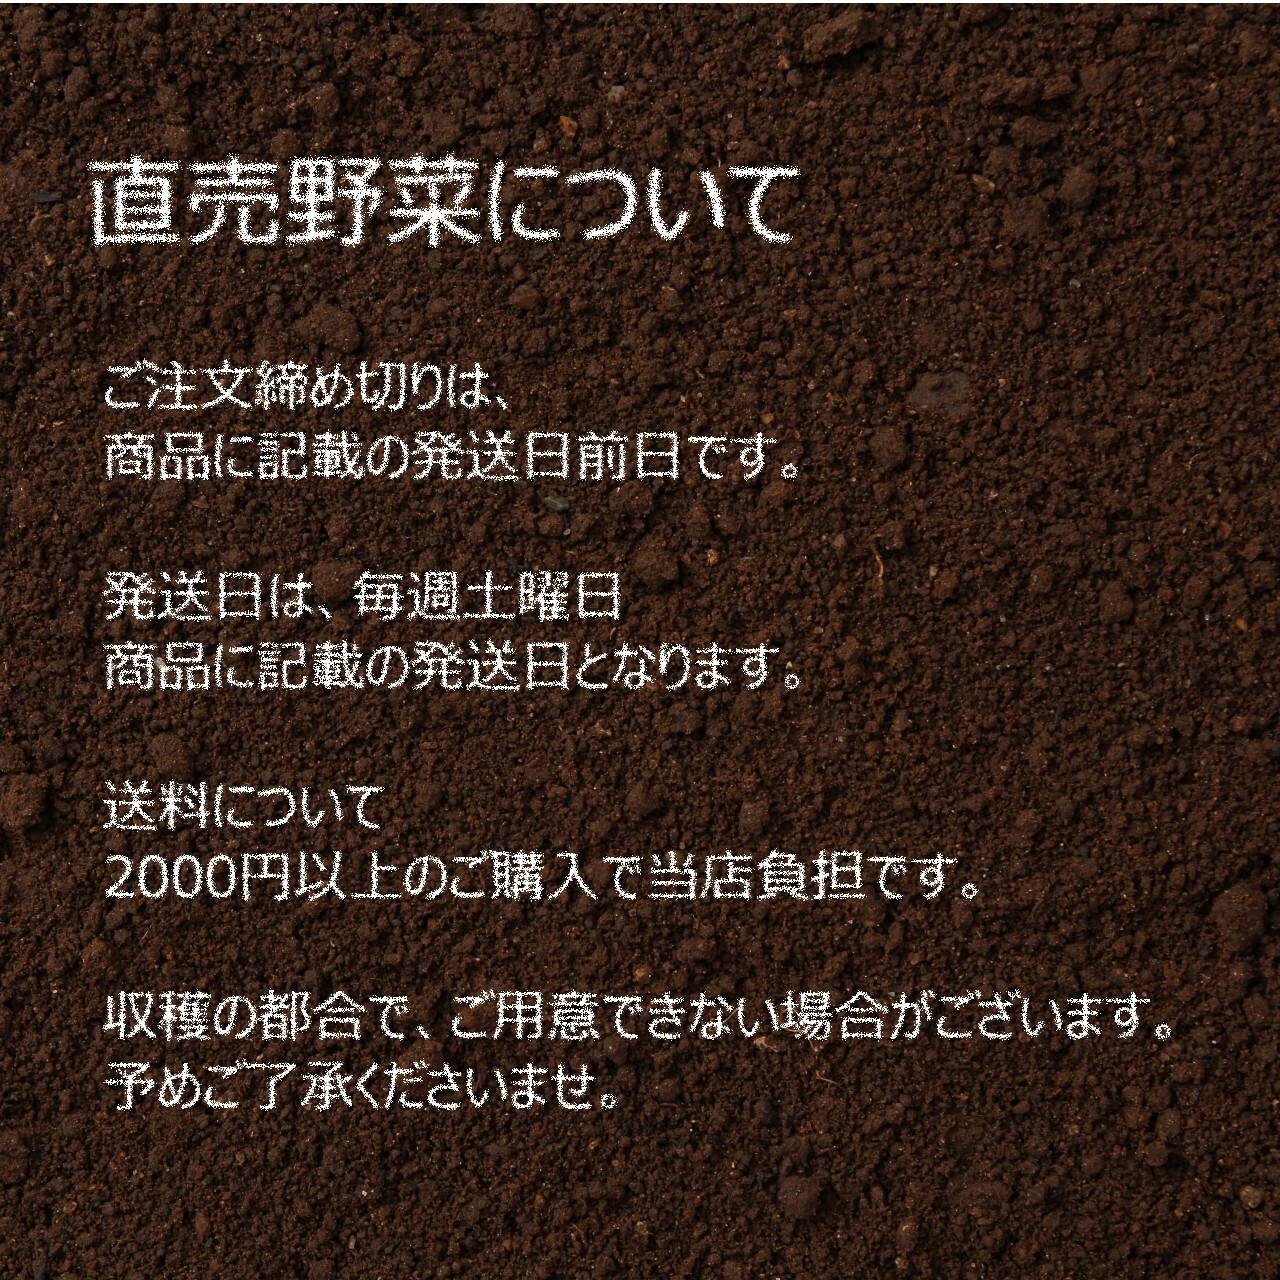 新鮮な秋野菜 : 春菊 約200g 11月の朝採り直売野菜 11月7日発送予定